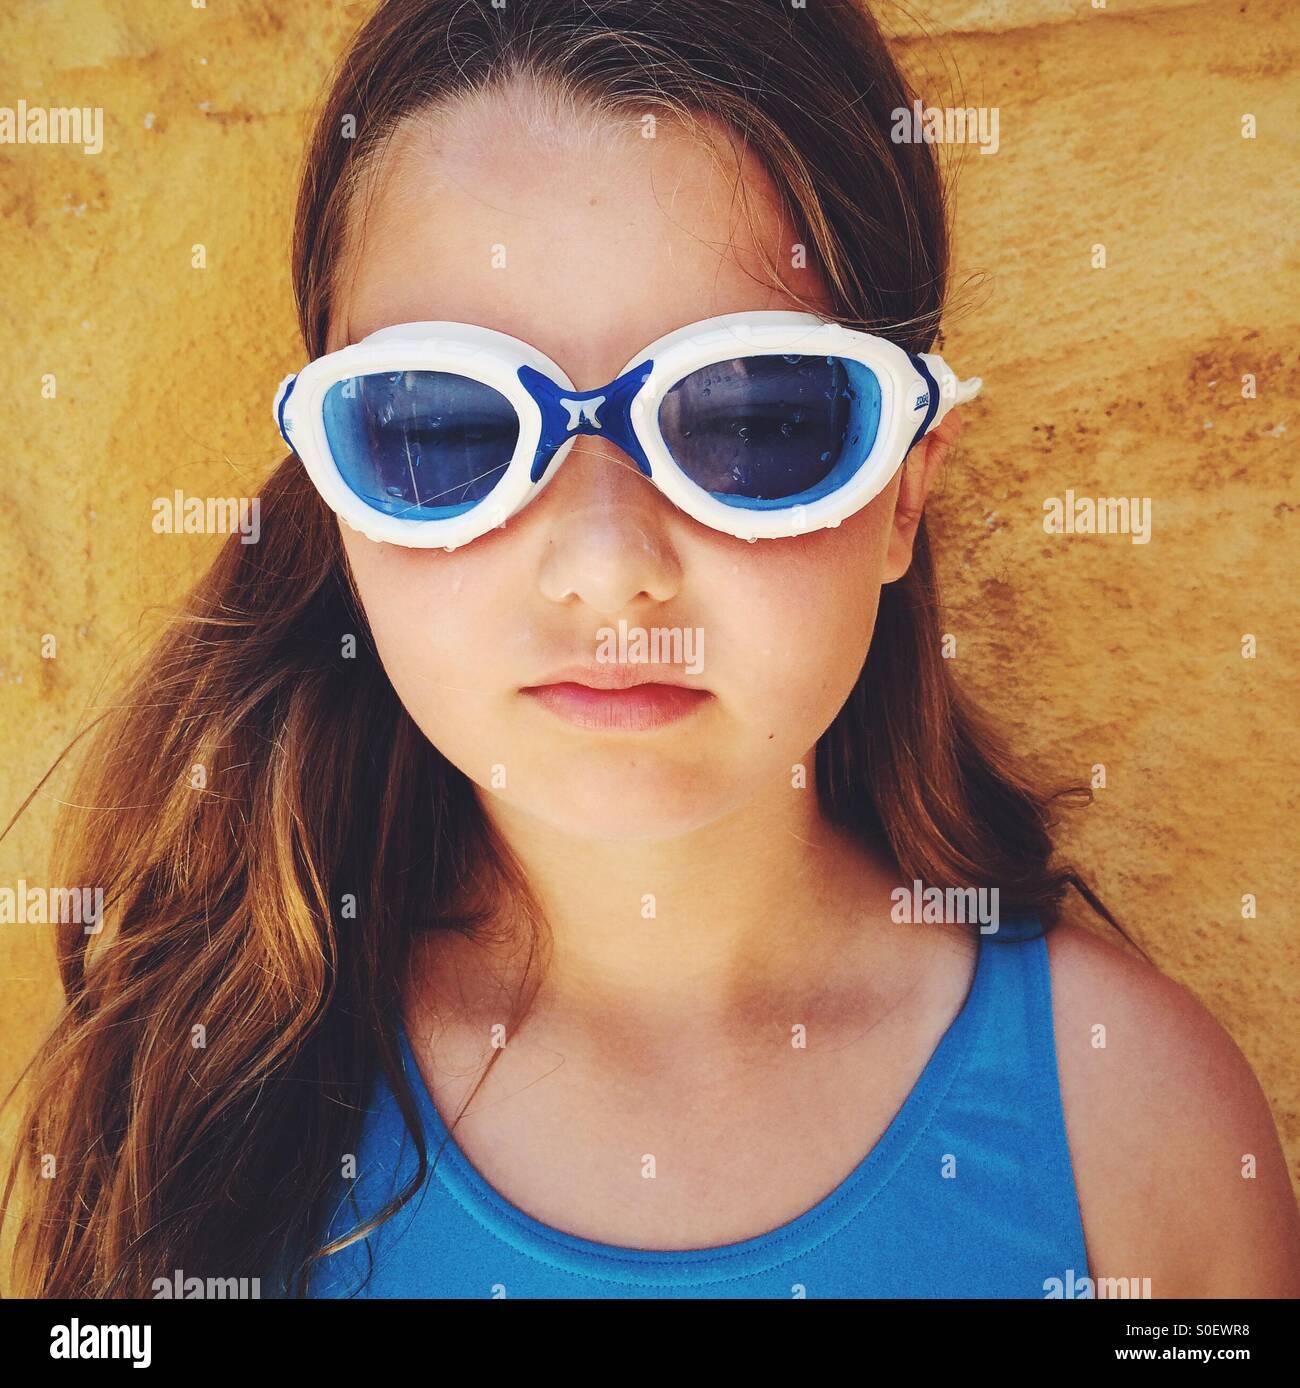 Mädchen, Schwimmen Goggle und einen blauen Badeanzug tragen. Stockbild